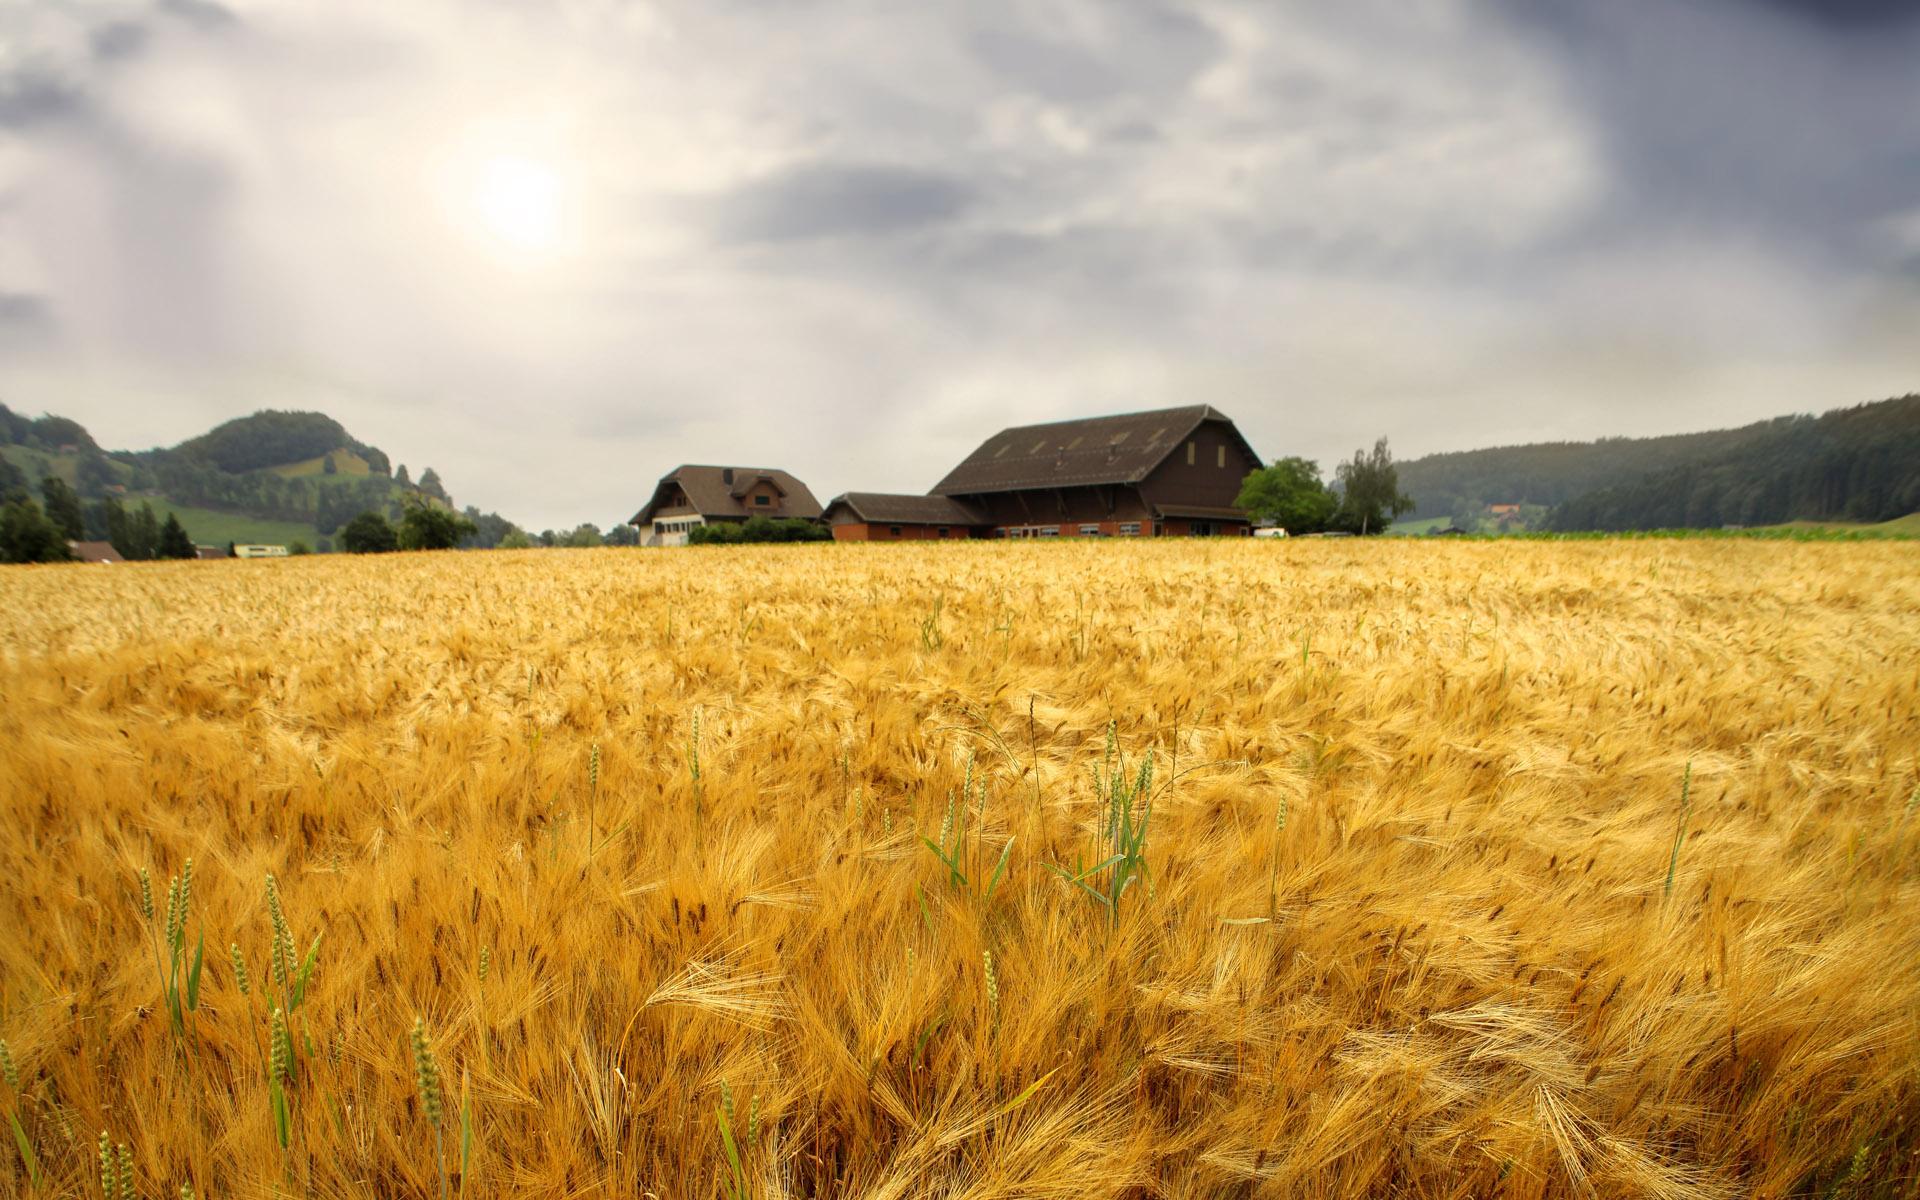 Hình nền nông dân 1920x1200